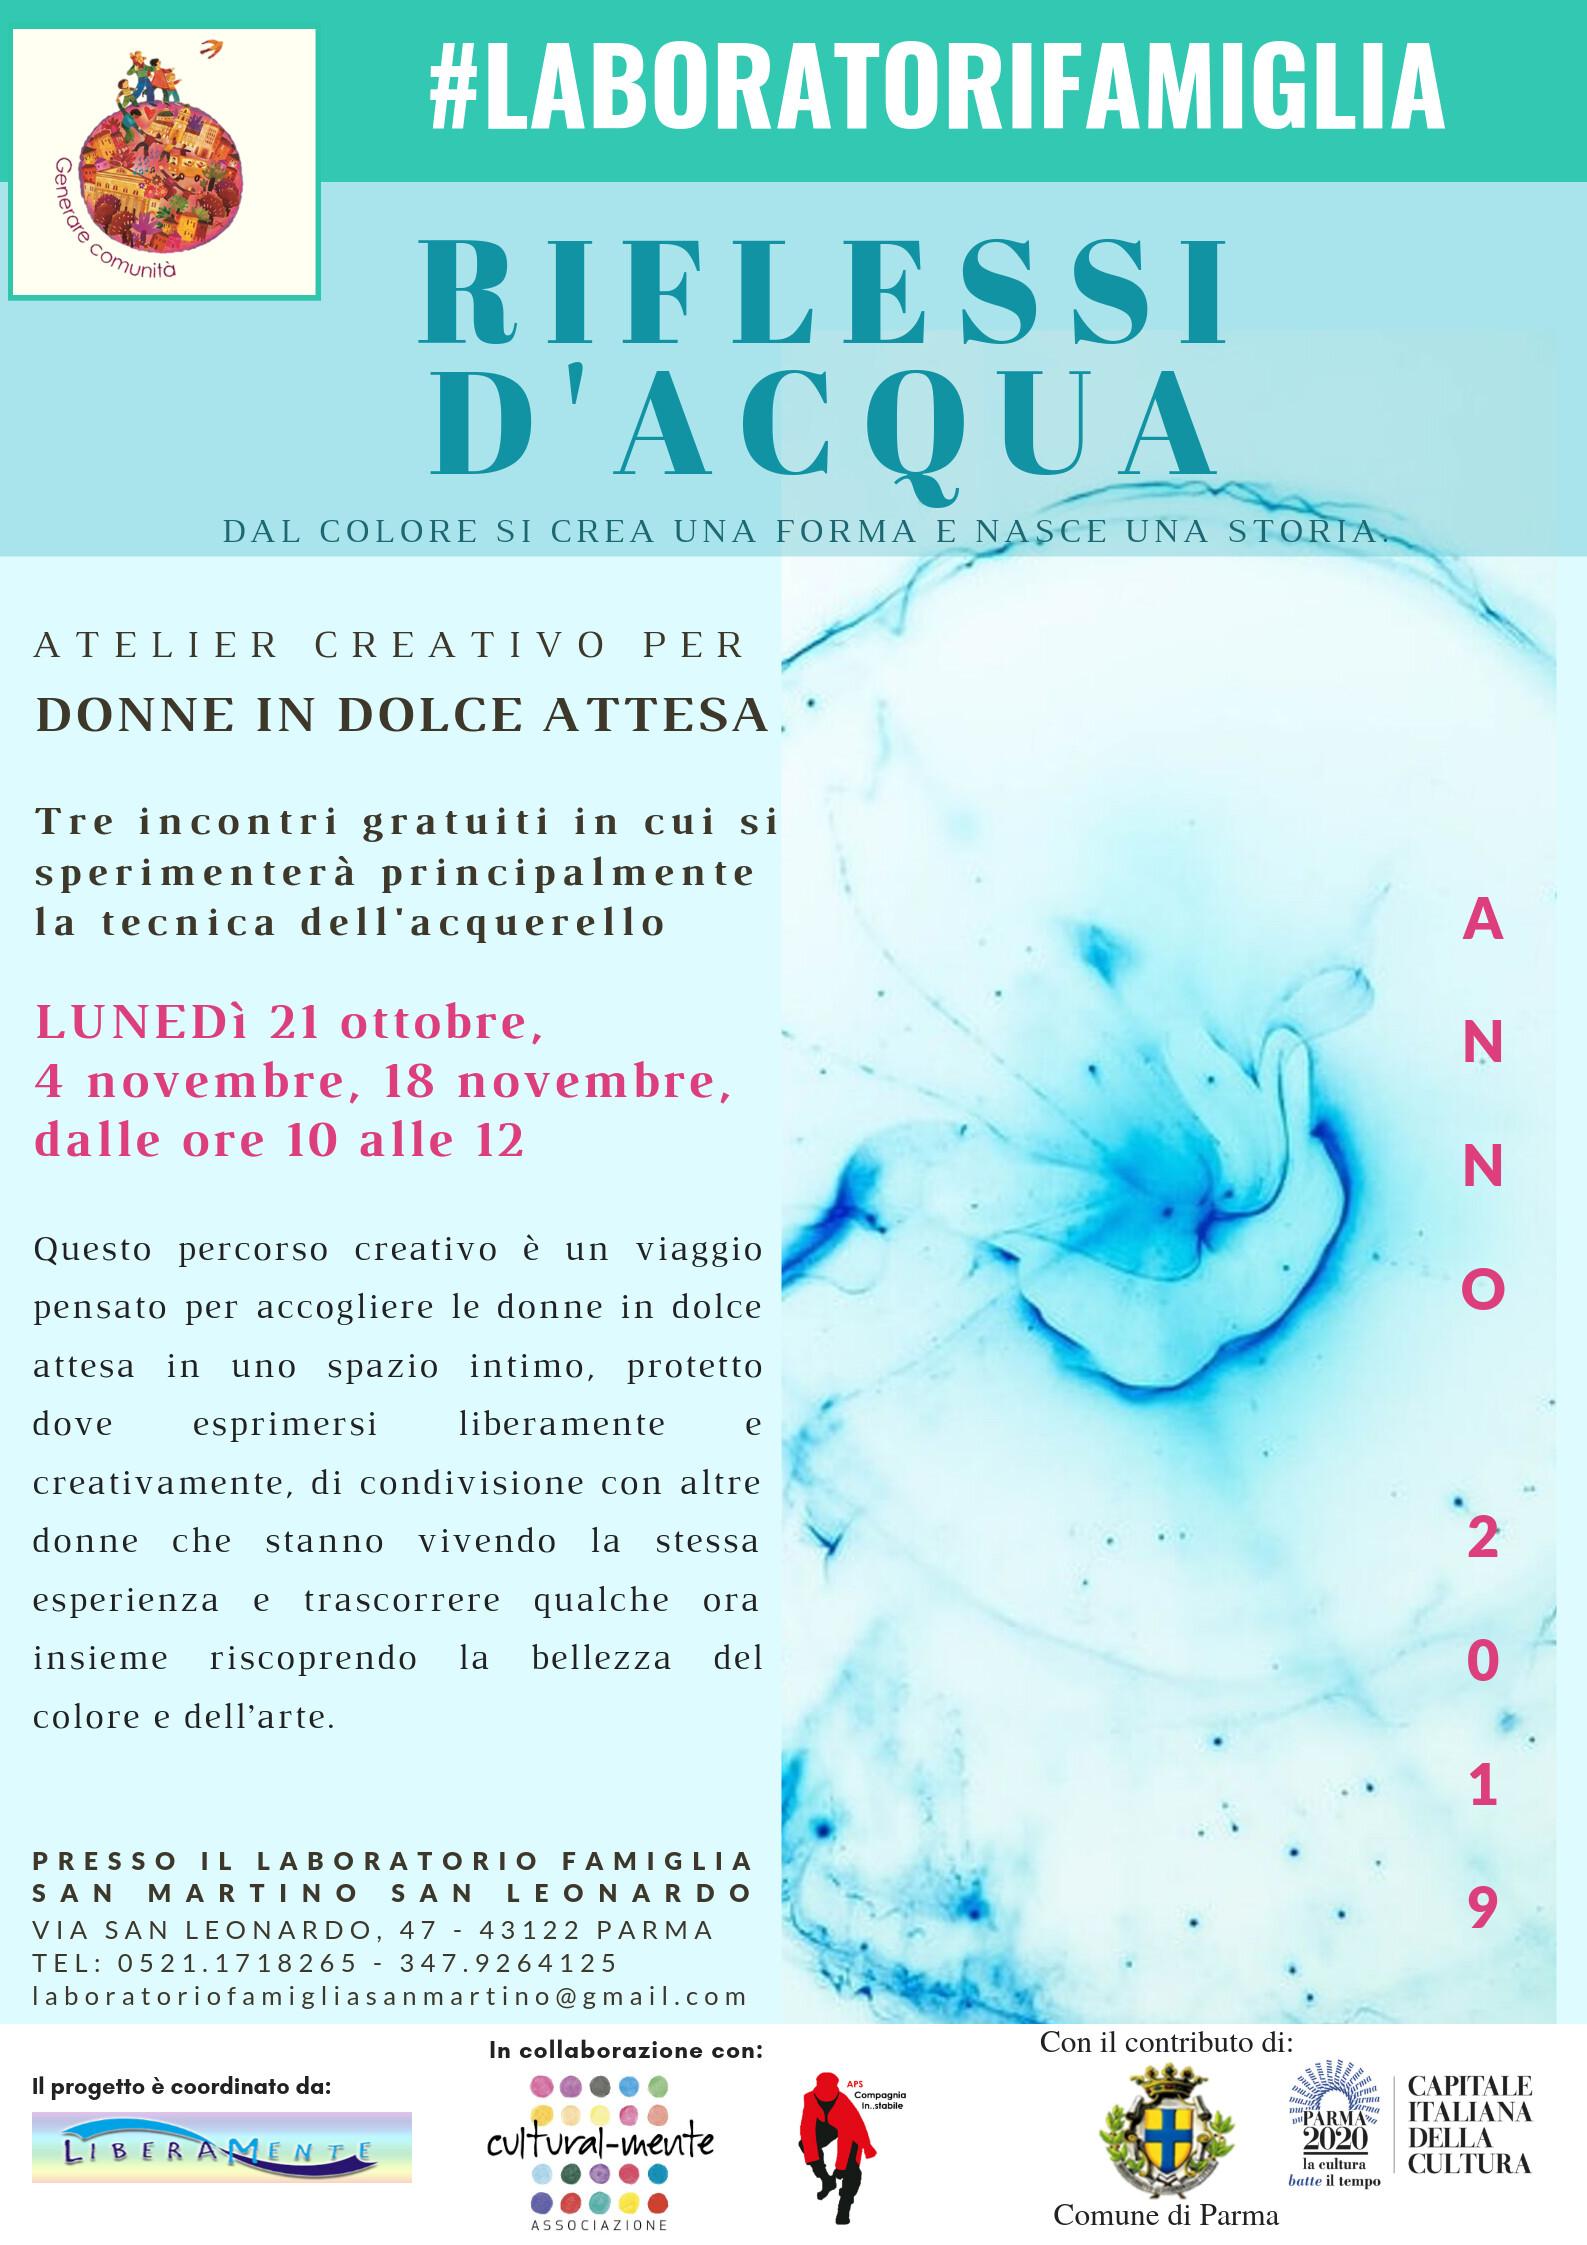 Riflessi d'acqua ATELIER CREATIVO - ESPRESSIVO PER DONNE IN DOLCE ATTESA